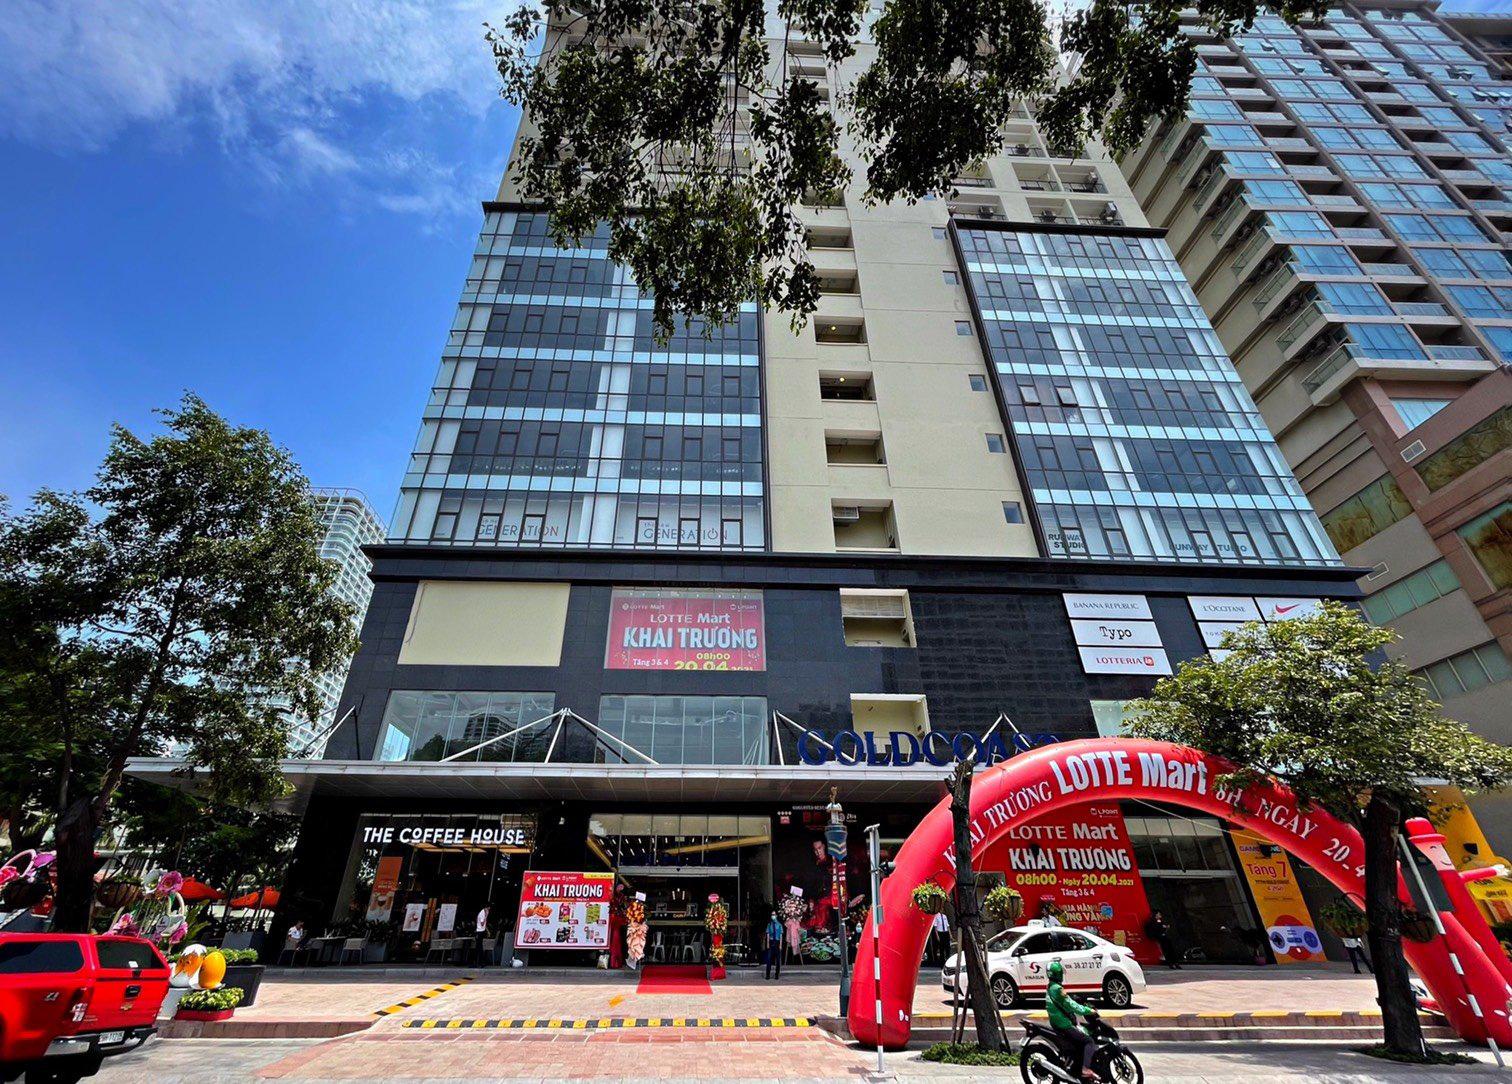 Trải nghiệm mua sắm hiện đại tại LOTTE Mart Gold Coast Nha Trang - Ảnh 1.